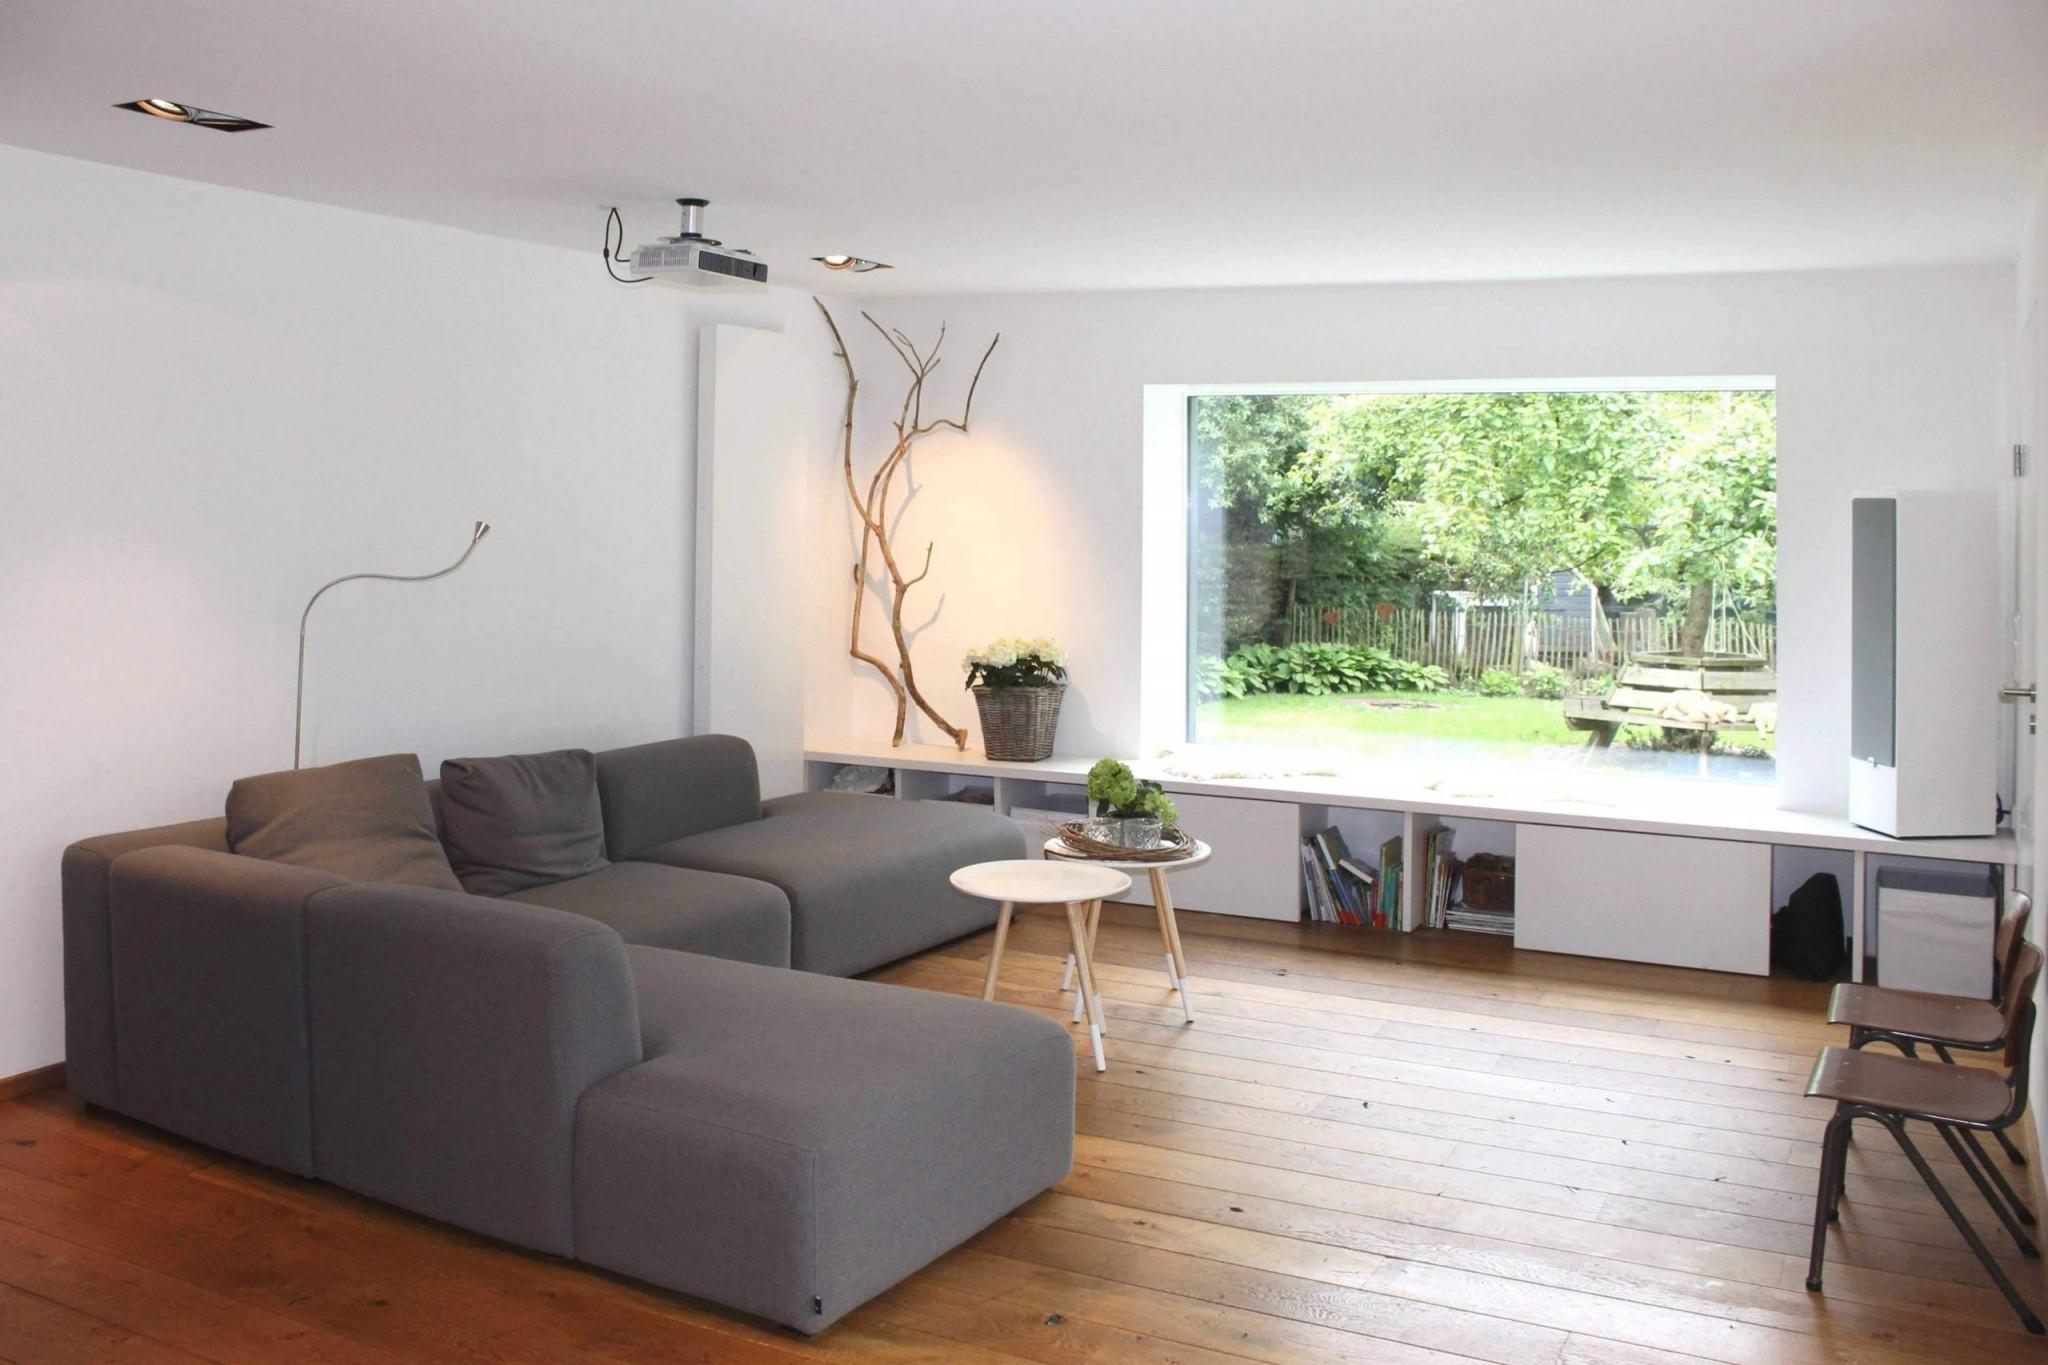 27 Elegant Leinwandbilder Wohnzimmer Genial  Wohnzimmer Frisch von Bilder Für Wohnzimmer Bild